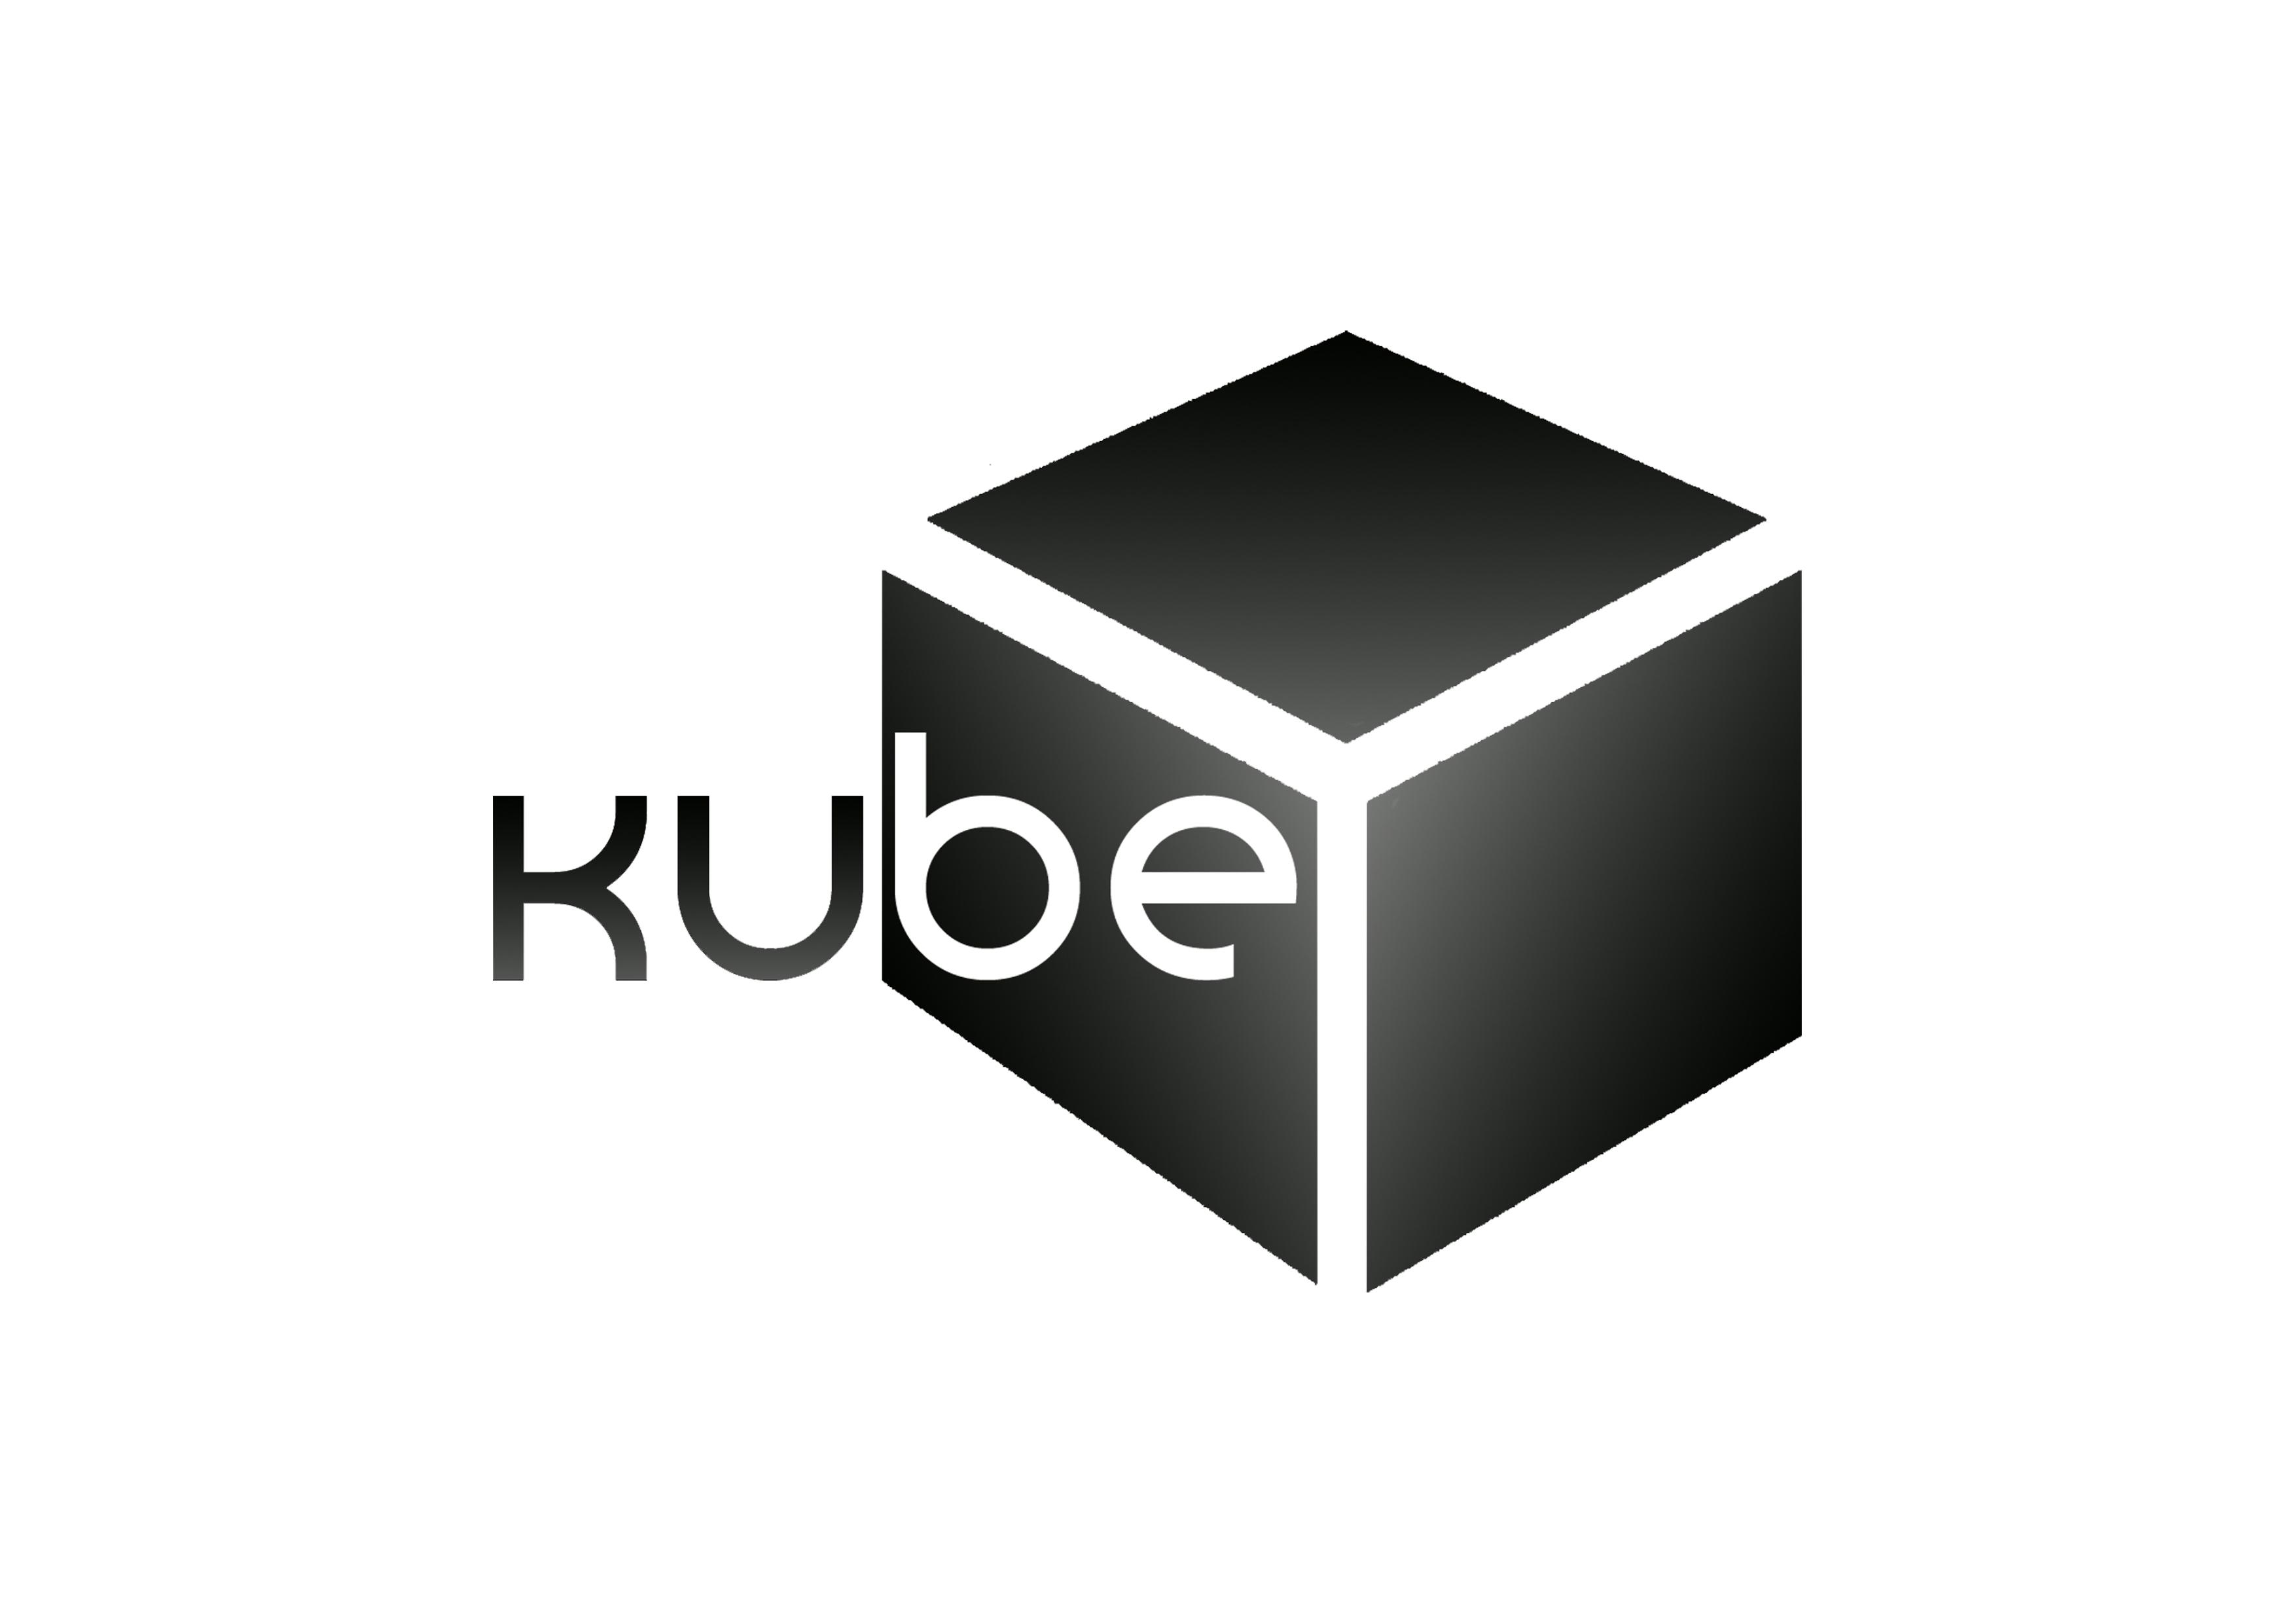 kube-logo